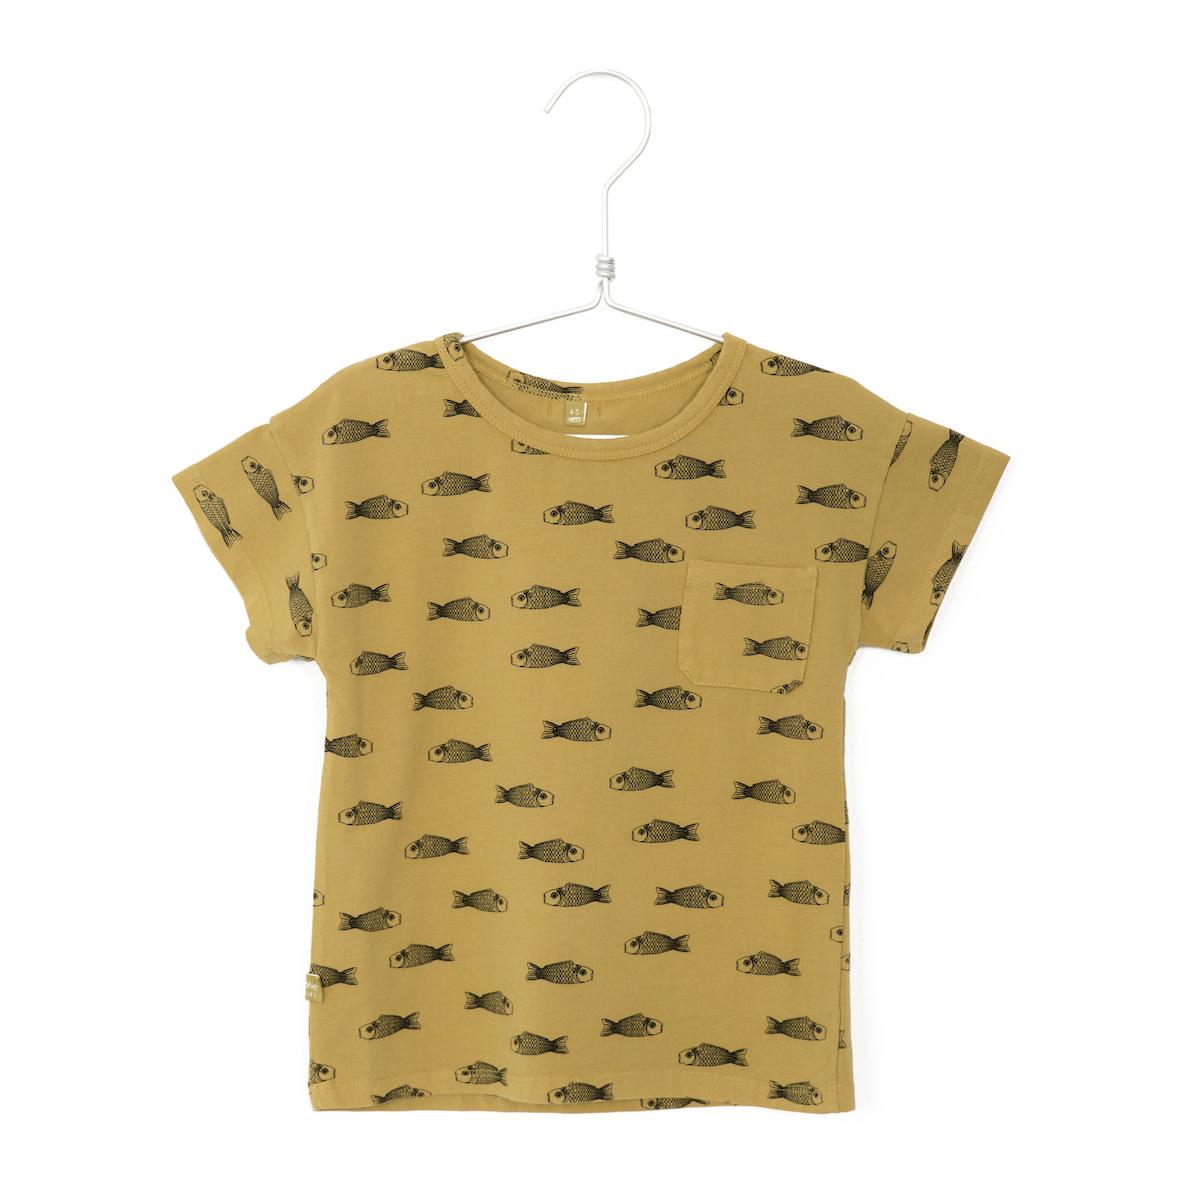 Lotiekids Lötiekids - T-shirt short sleeve fishes sun yellow